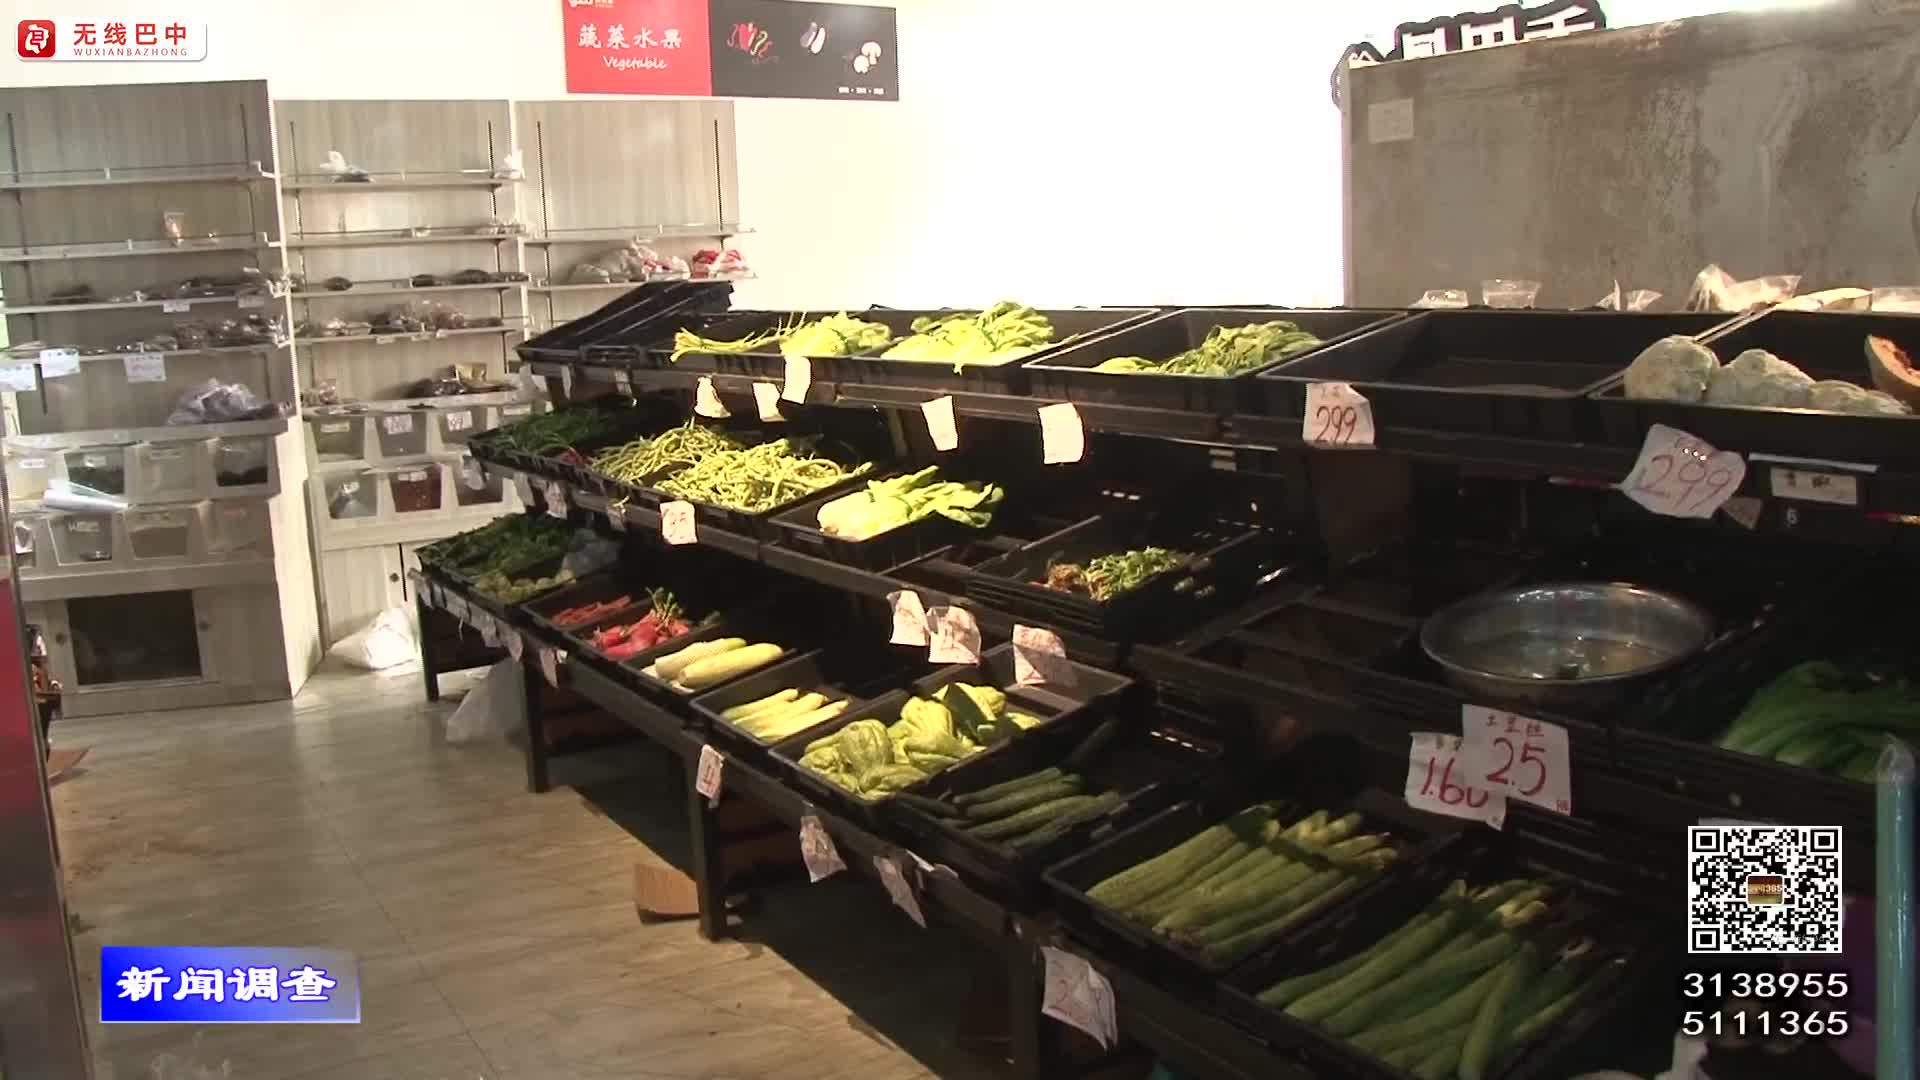 巴城:超市突然關門 供貨商貨款無著落